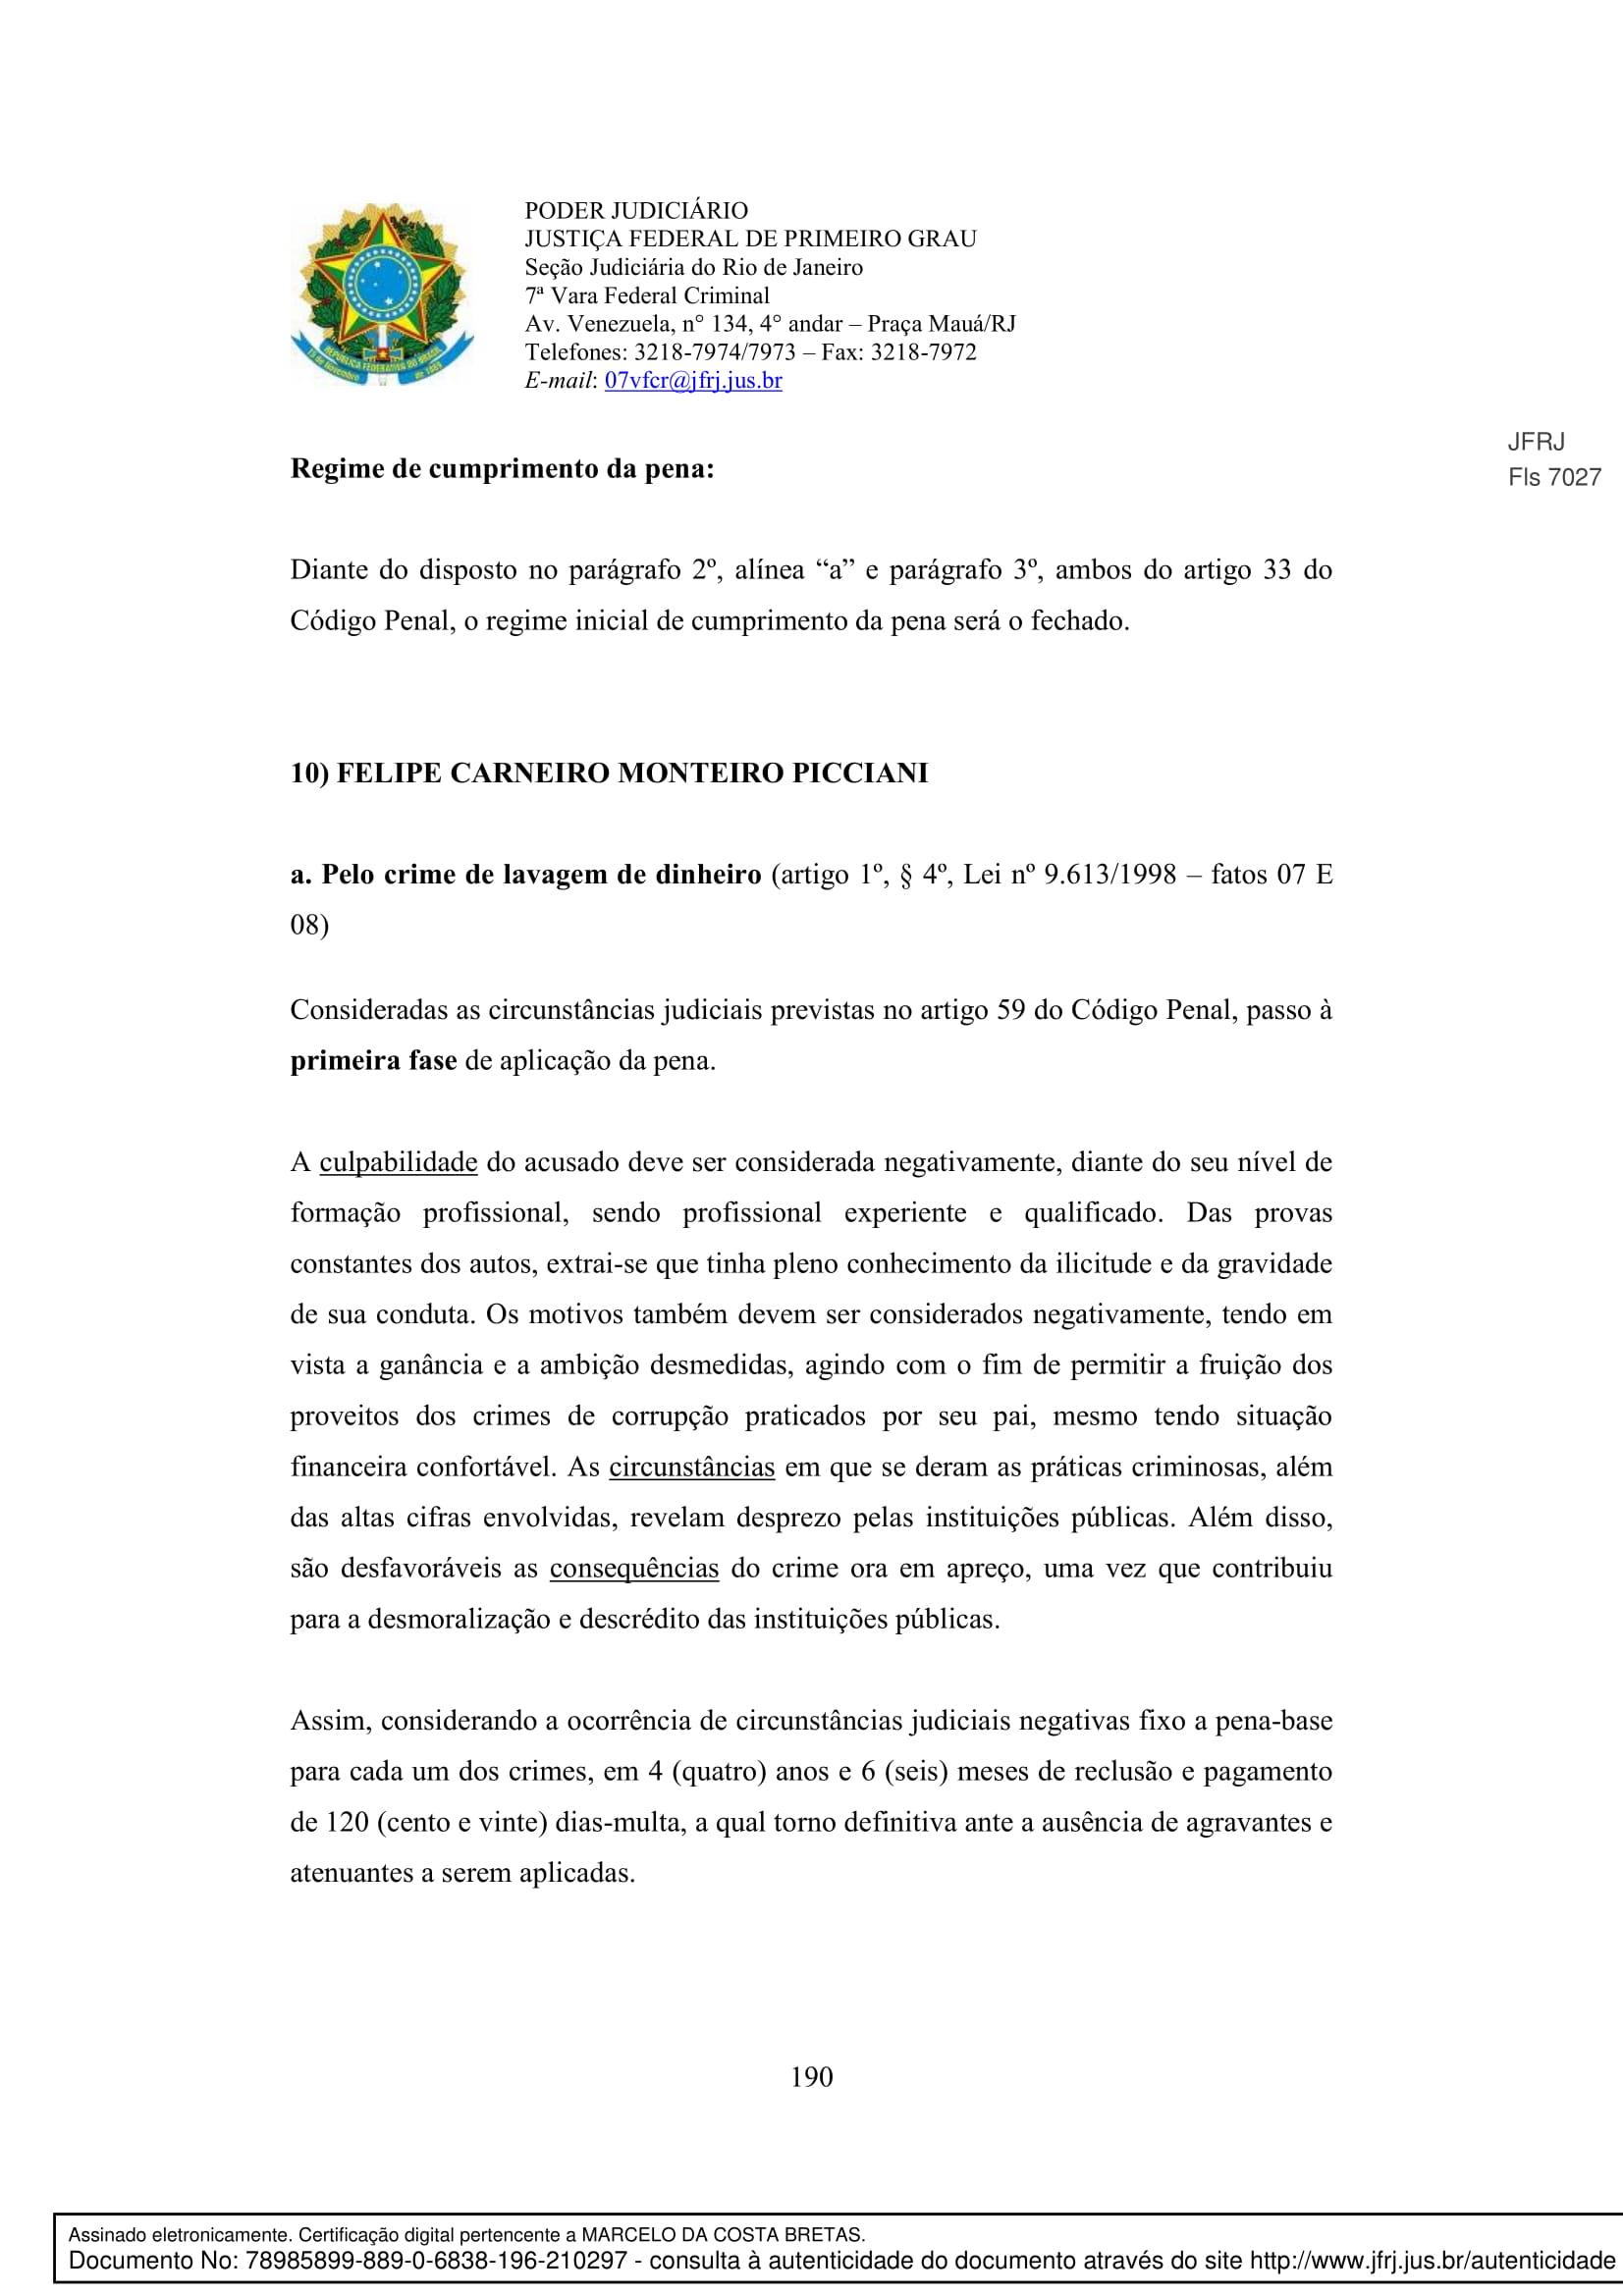 Sentenca-Cadeia-Velha-7VFC-190